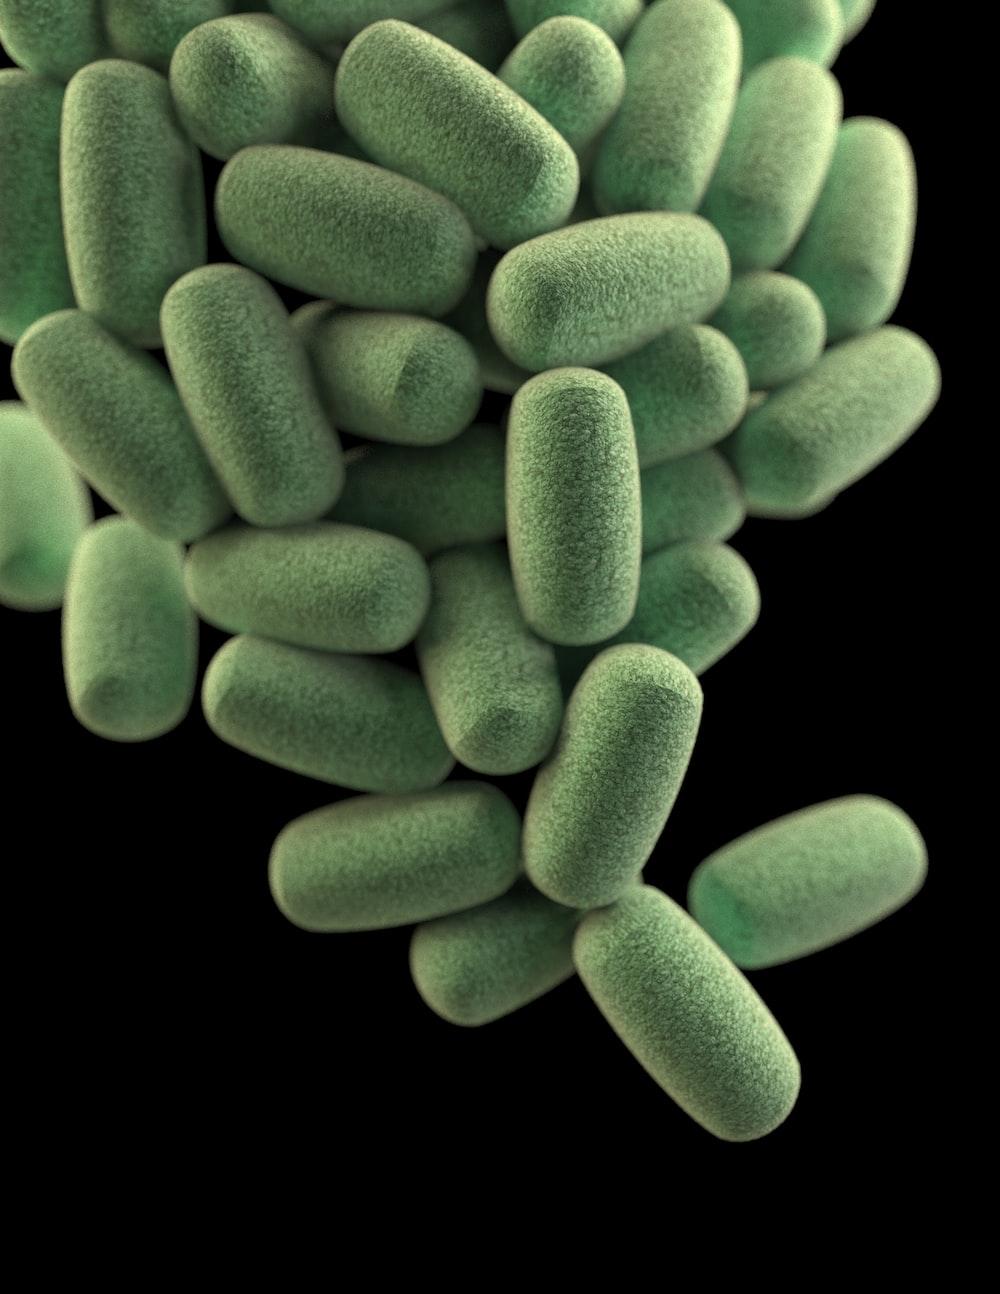 green oval medication pill lot